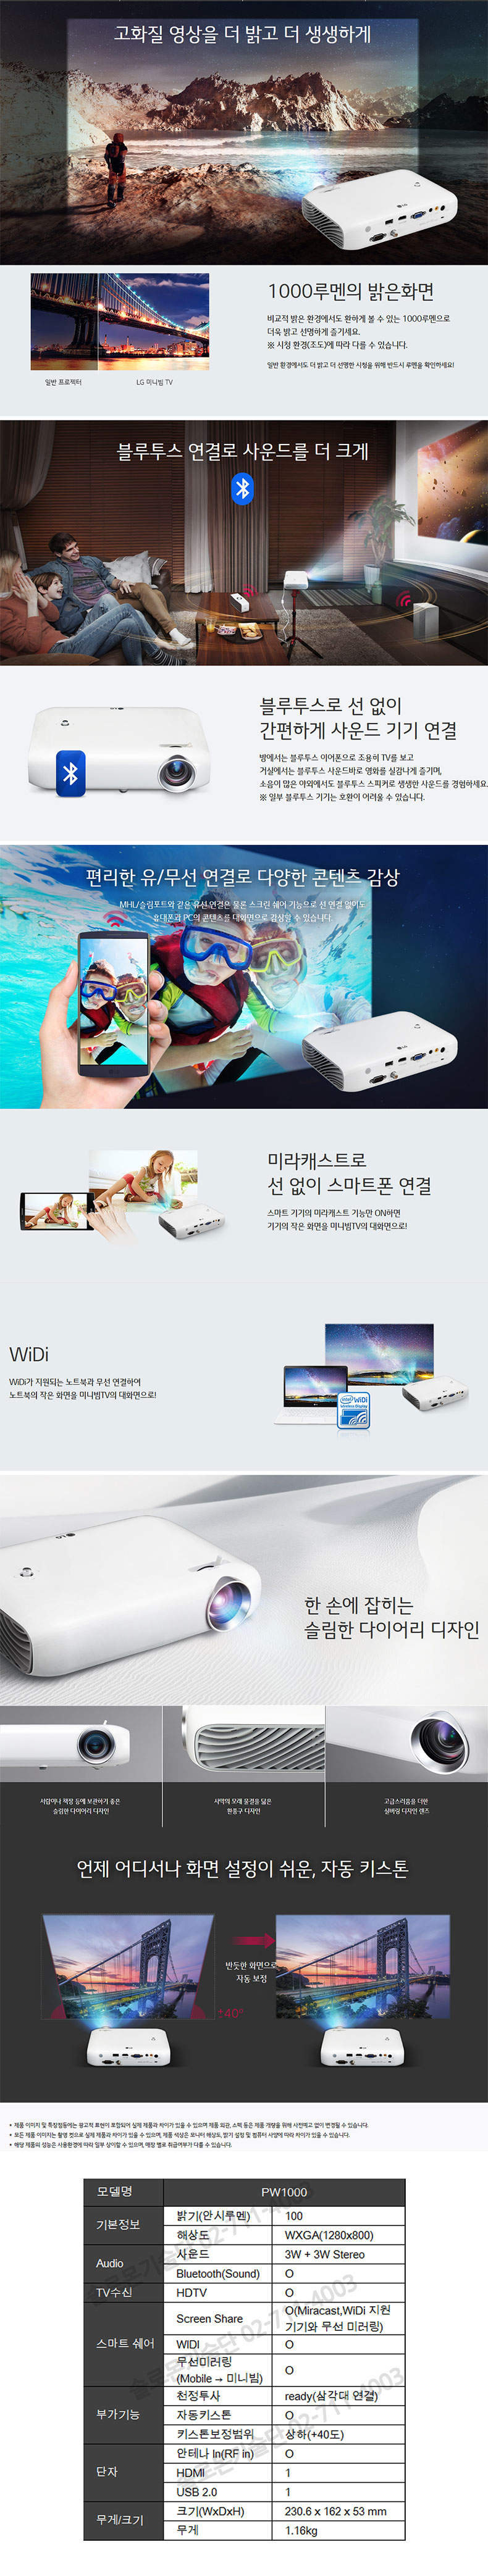 LG 미니빔 PW1000 WXGA 프로젝터